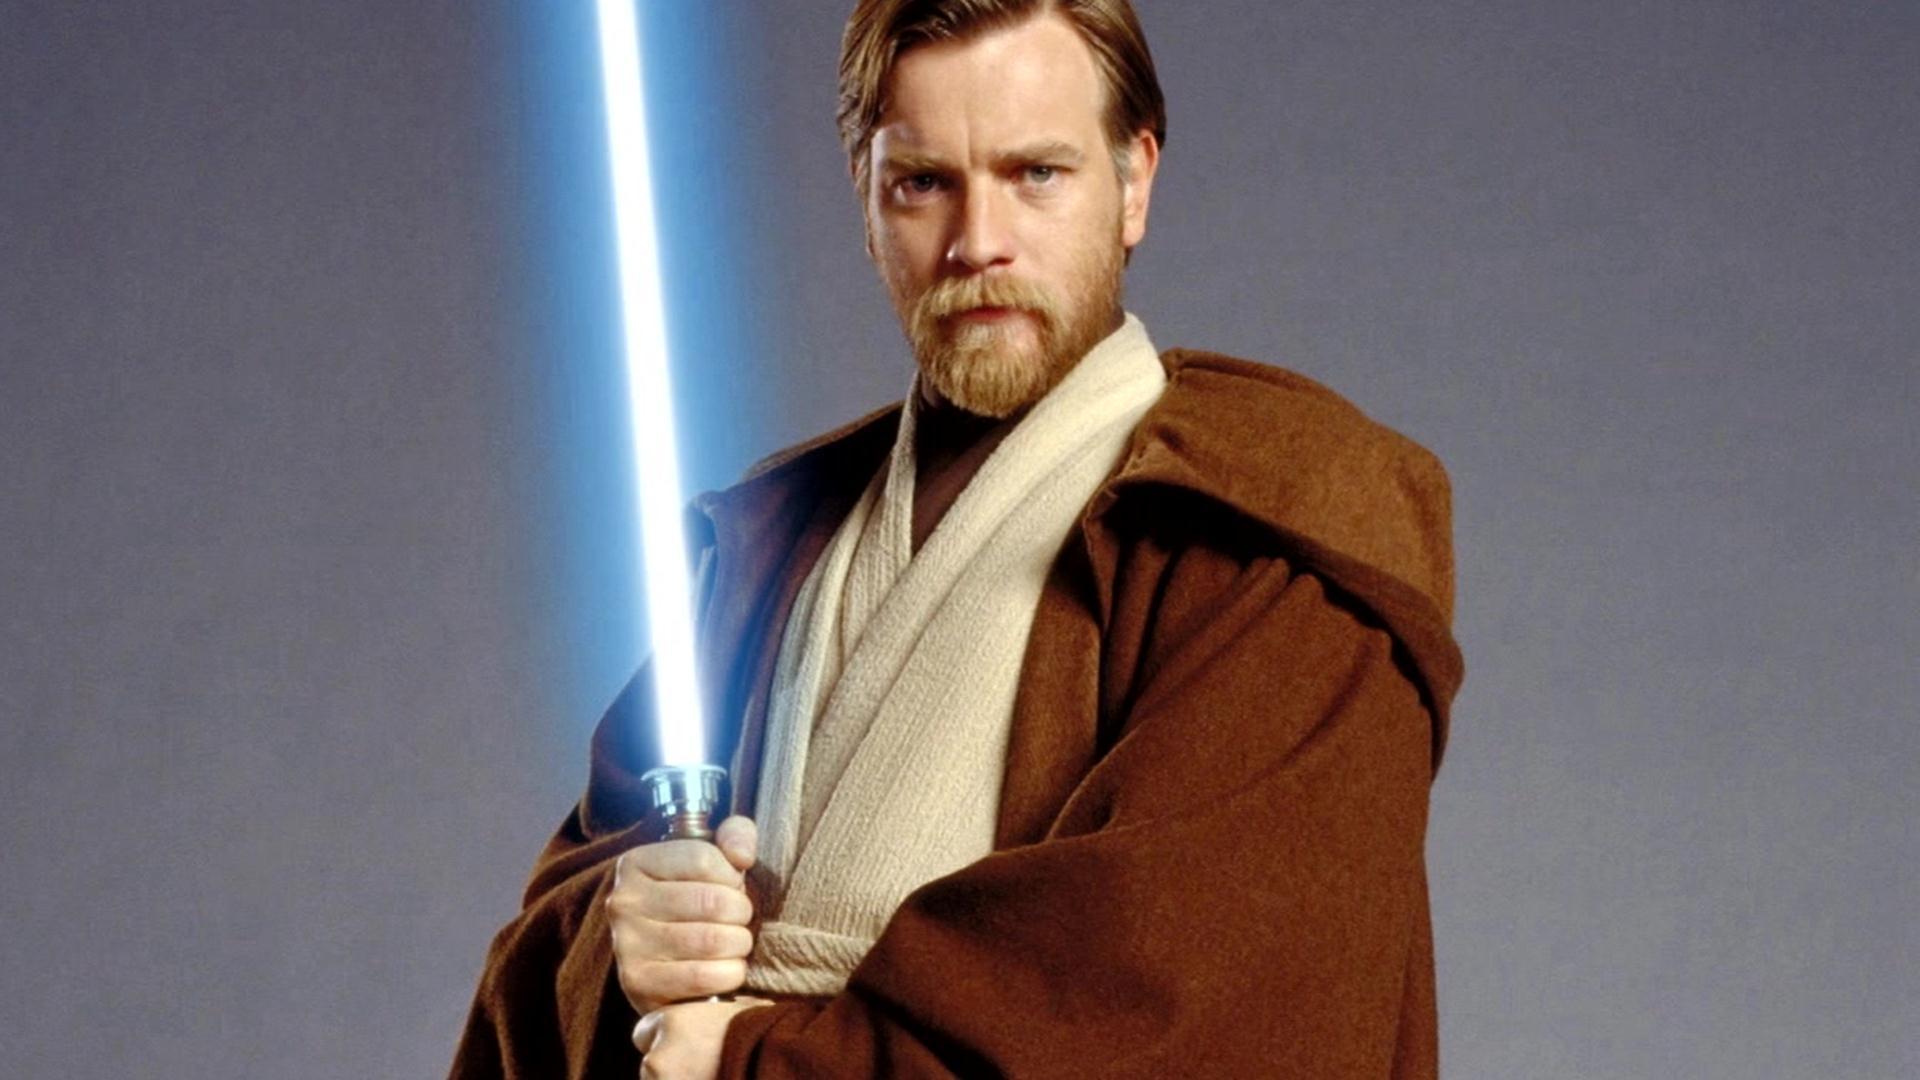 Obi Wan cancellata